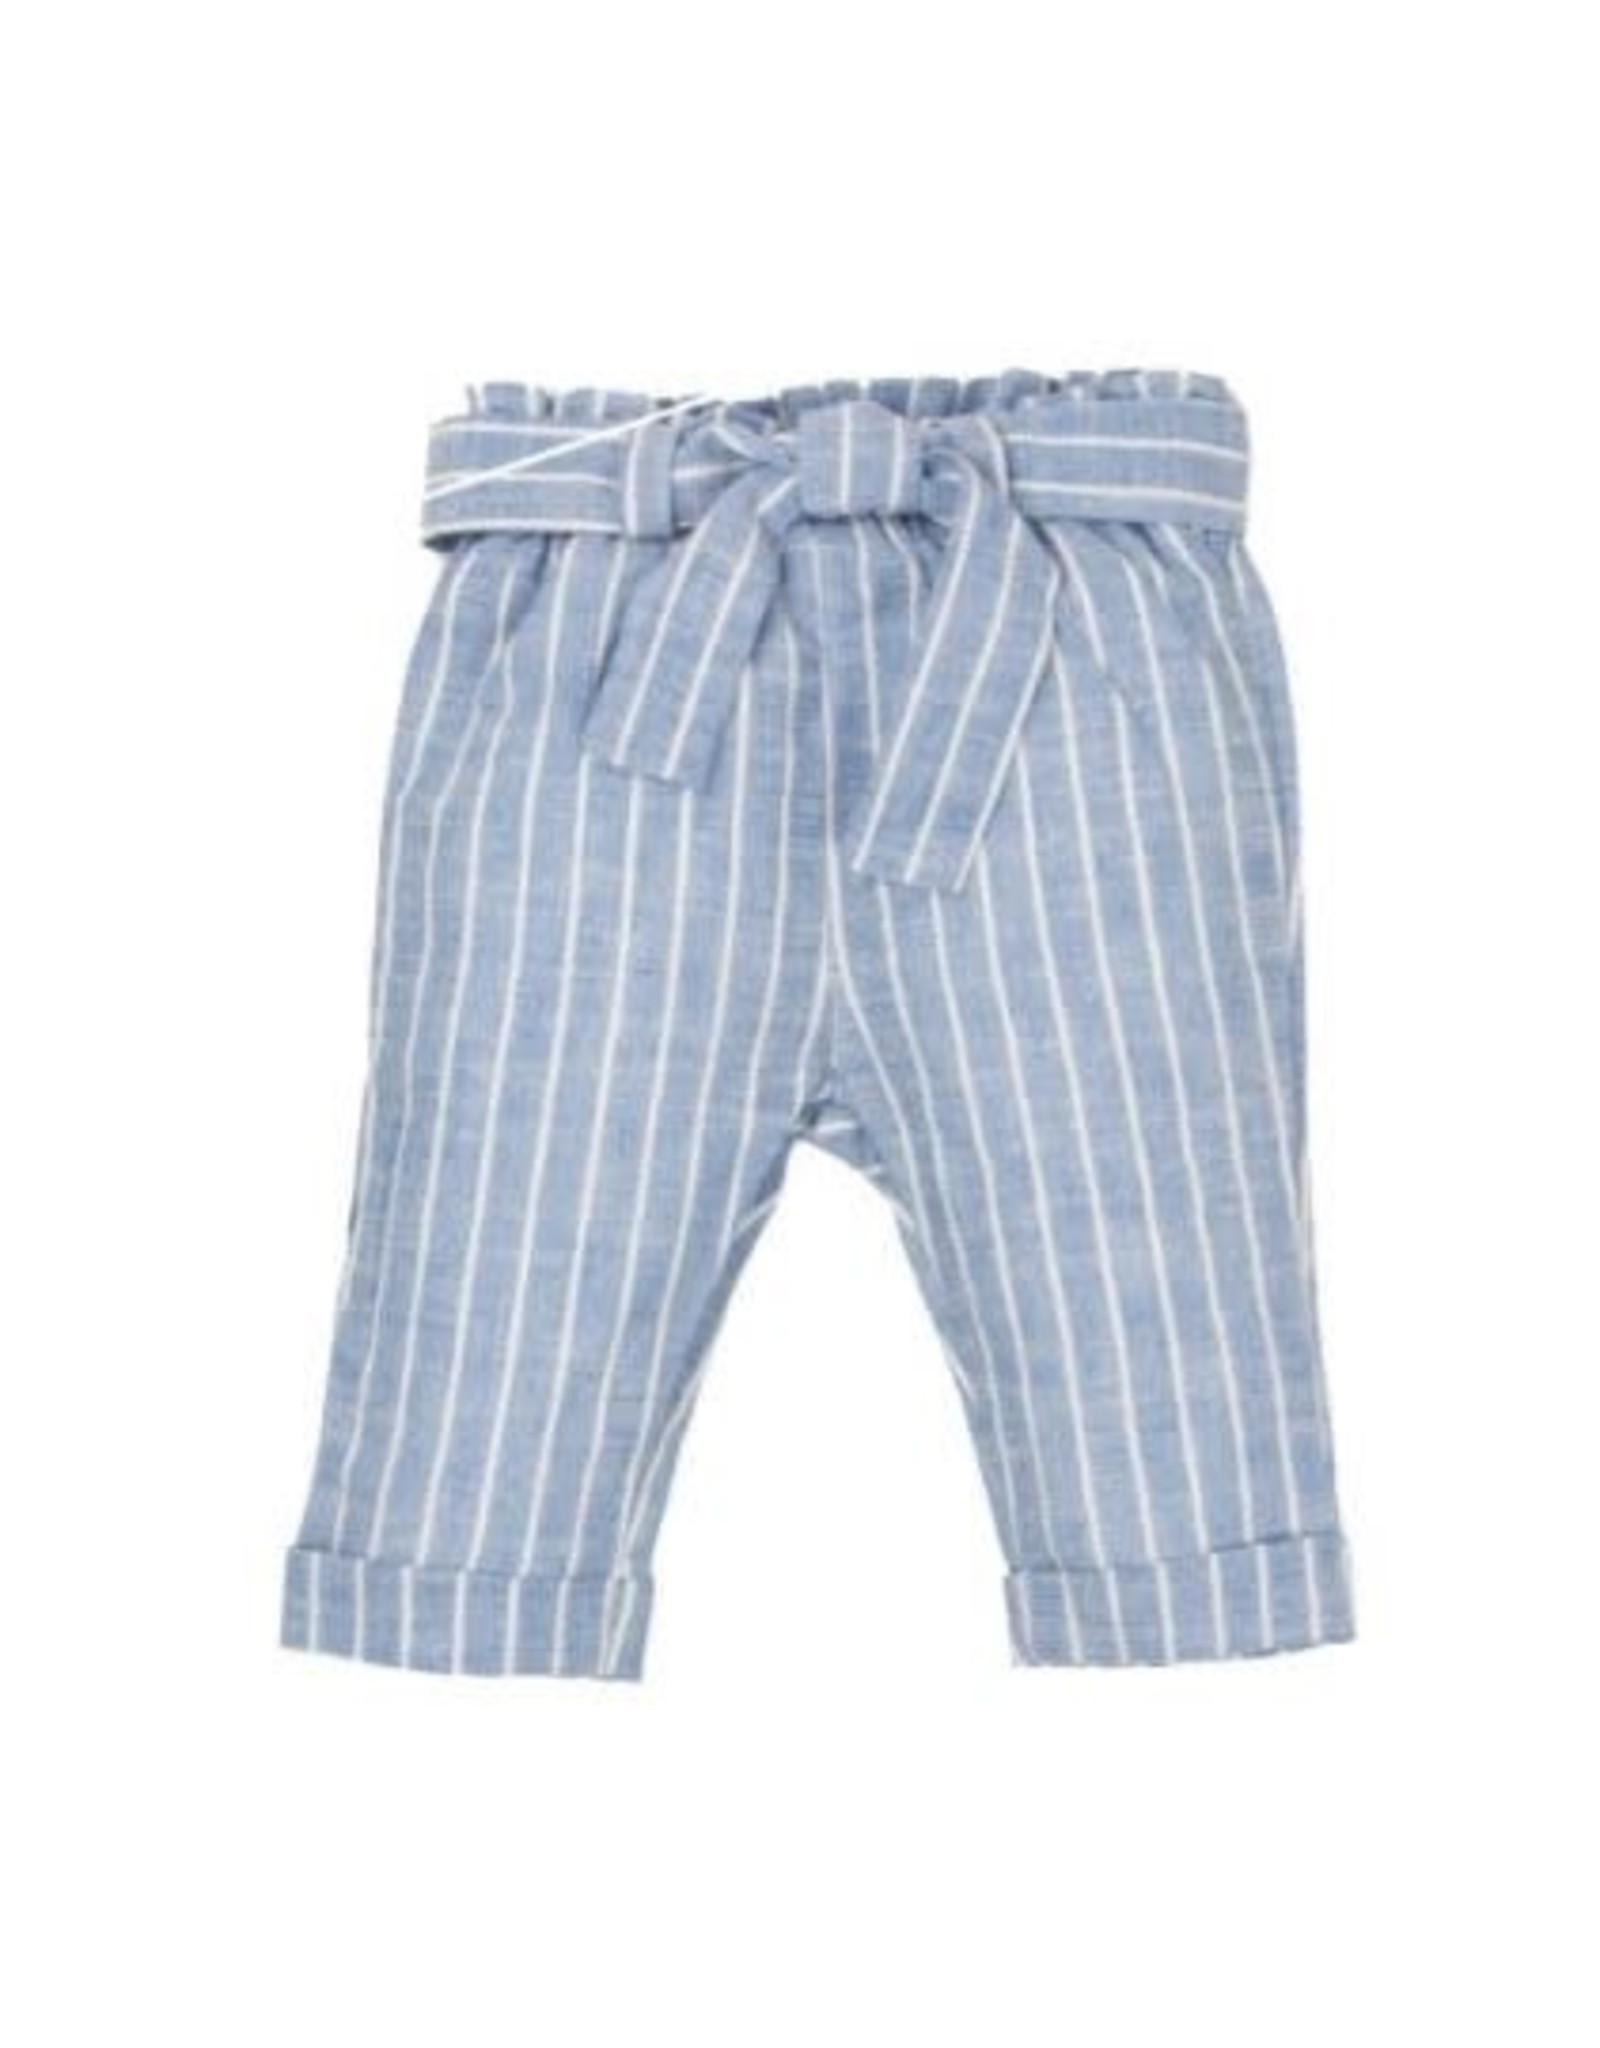 EMC Cotton Linen Trousers